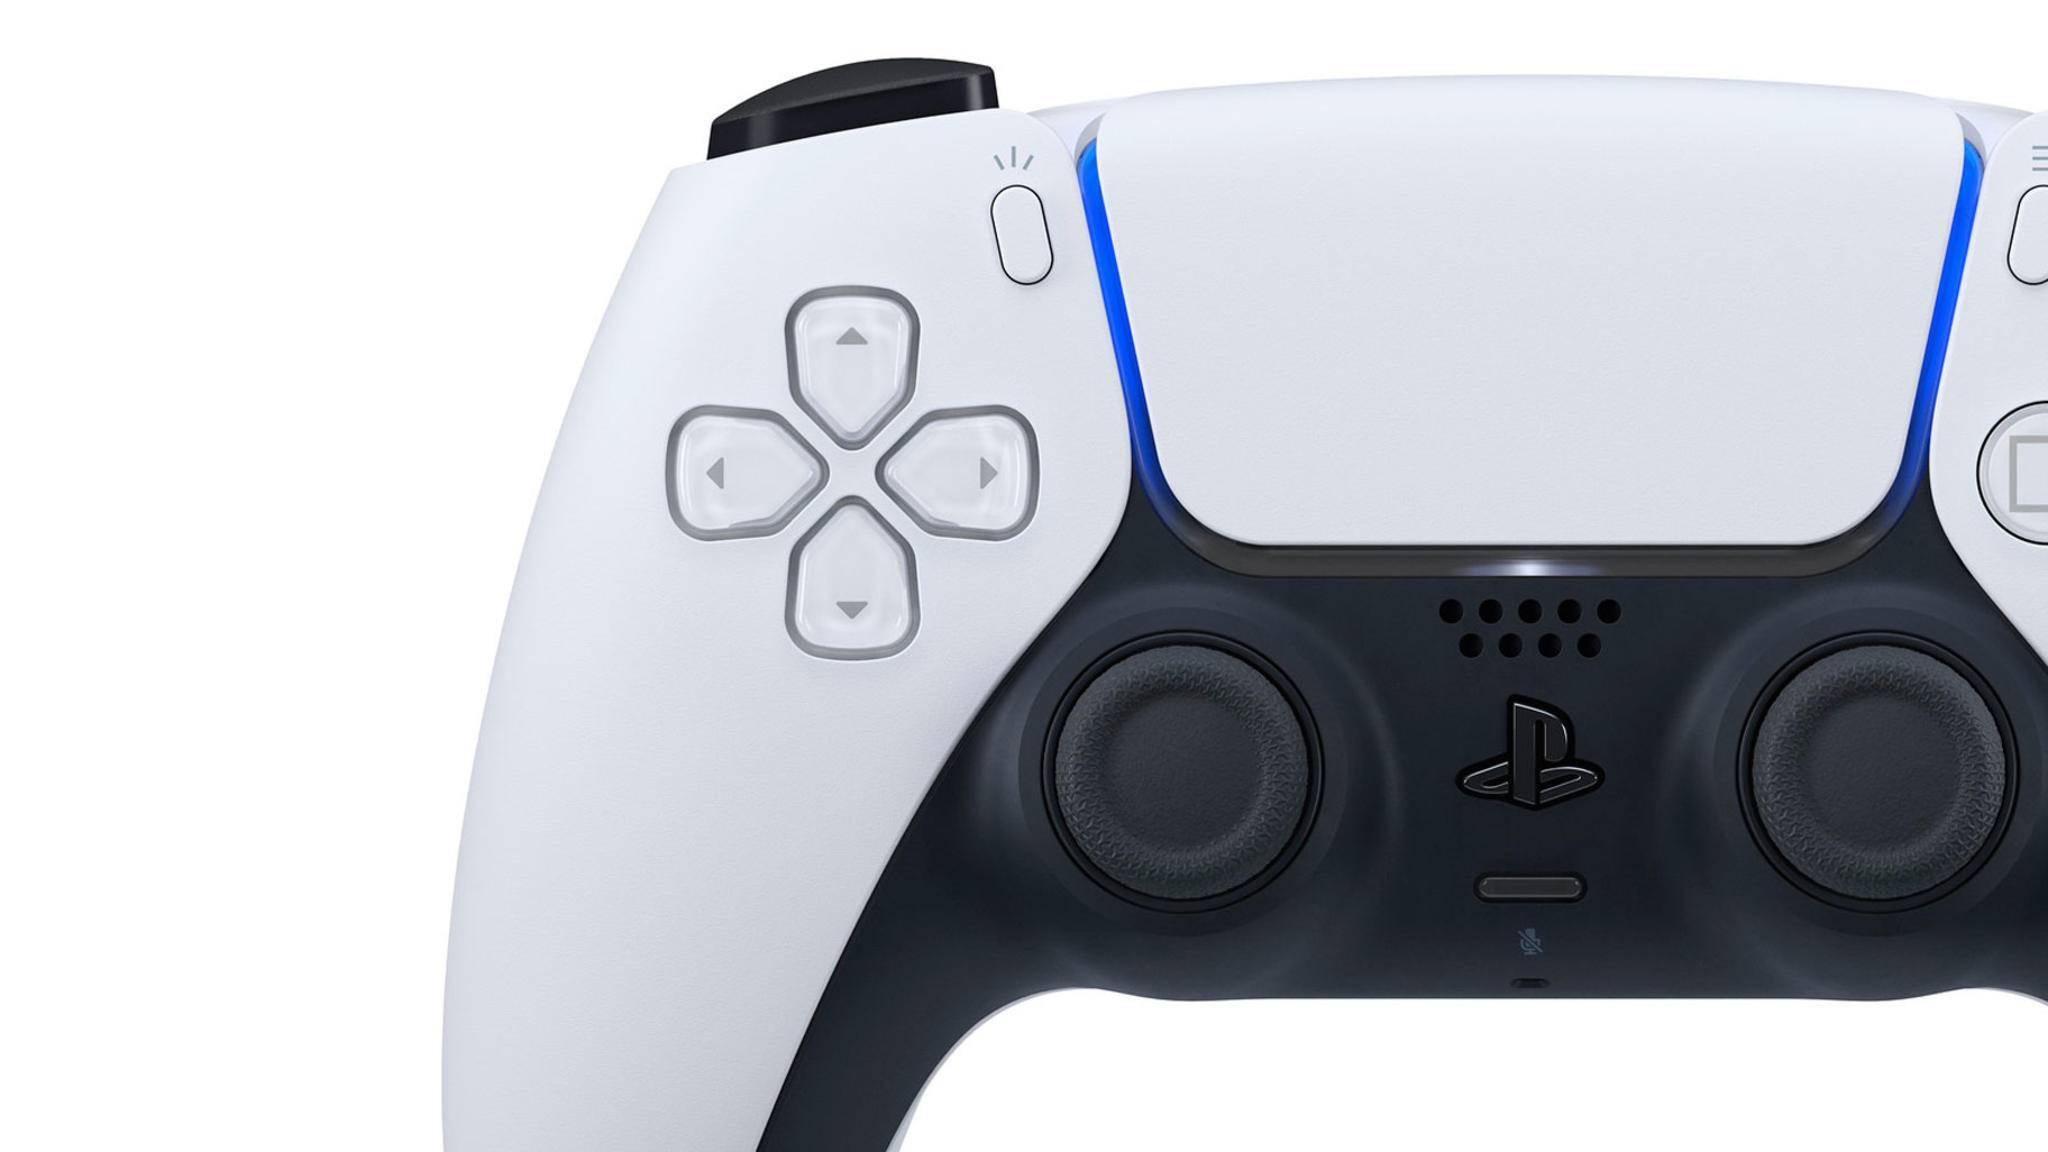 ps5-dualsense-controller-sony-02